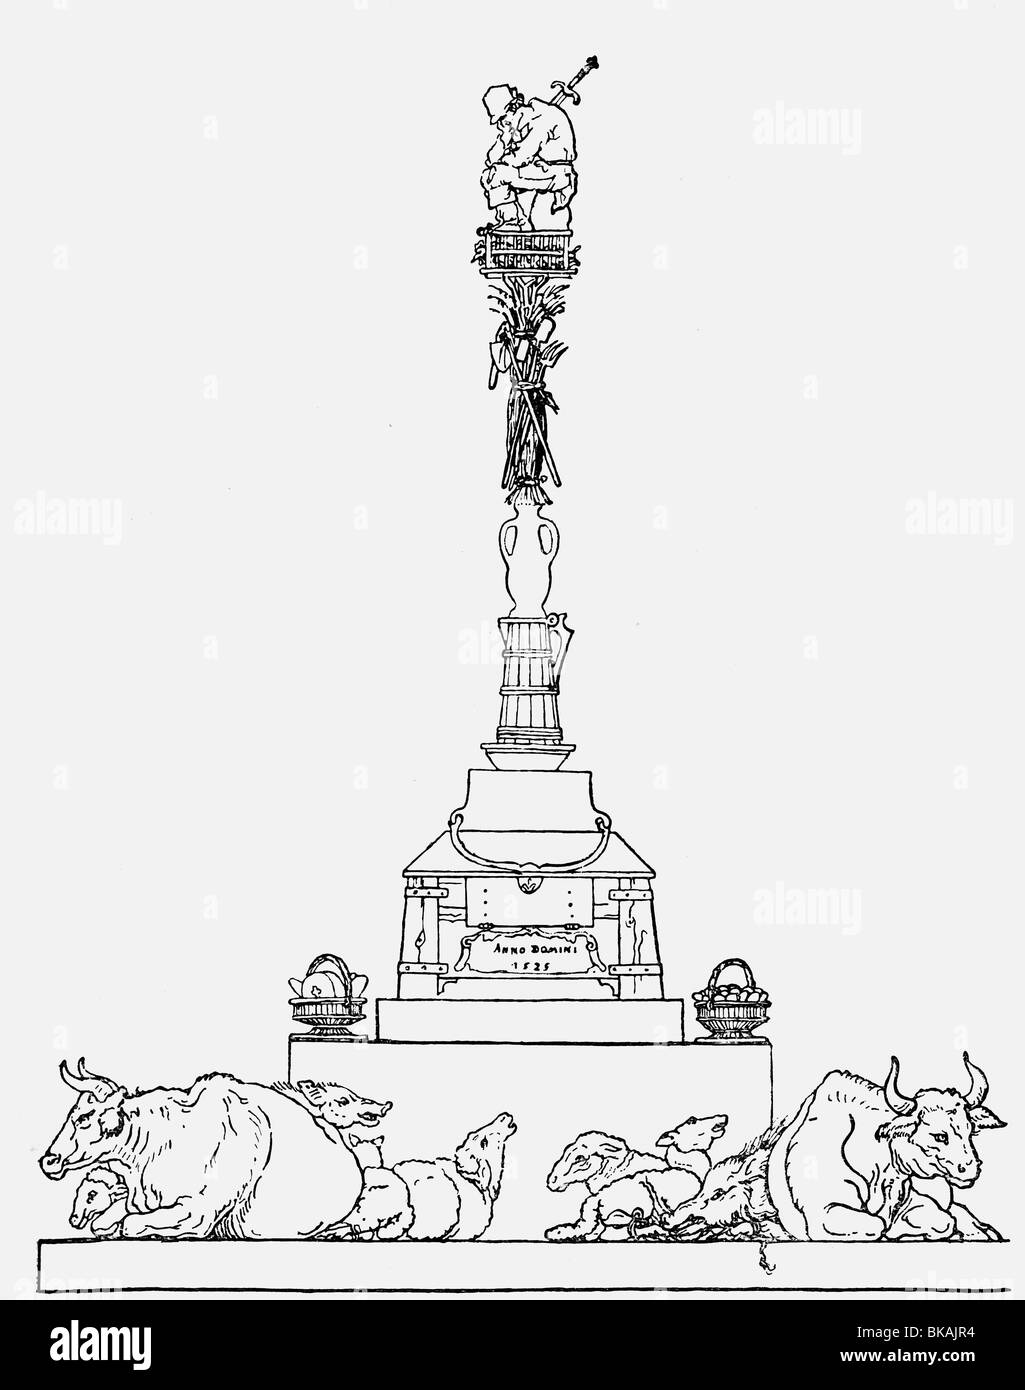 Les événements, La Guerre des paysans allemands 1524 - 1526, le concept d'une colonne commémorant Photo Stock